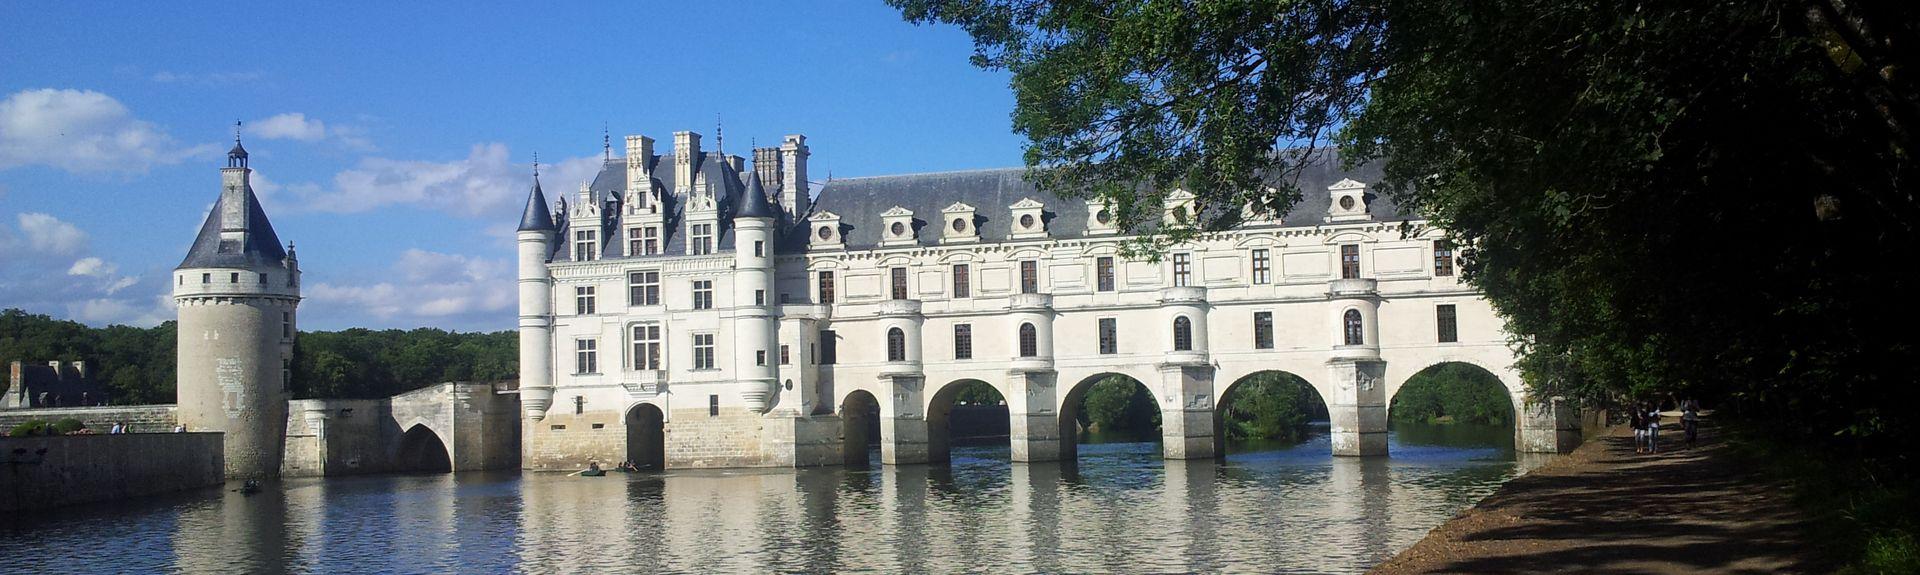 Notre-Dame-d'Oe Station, France